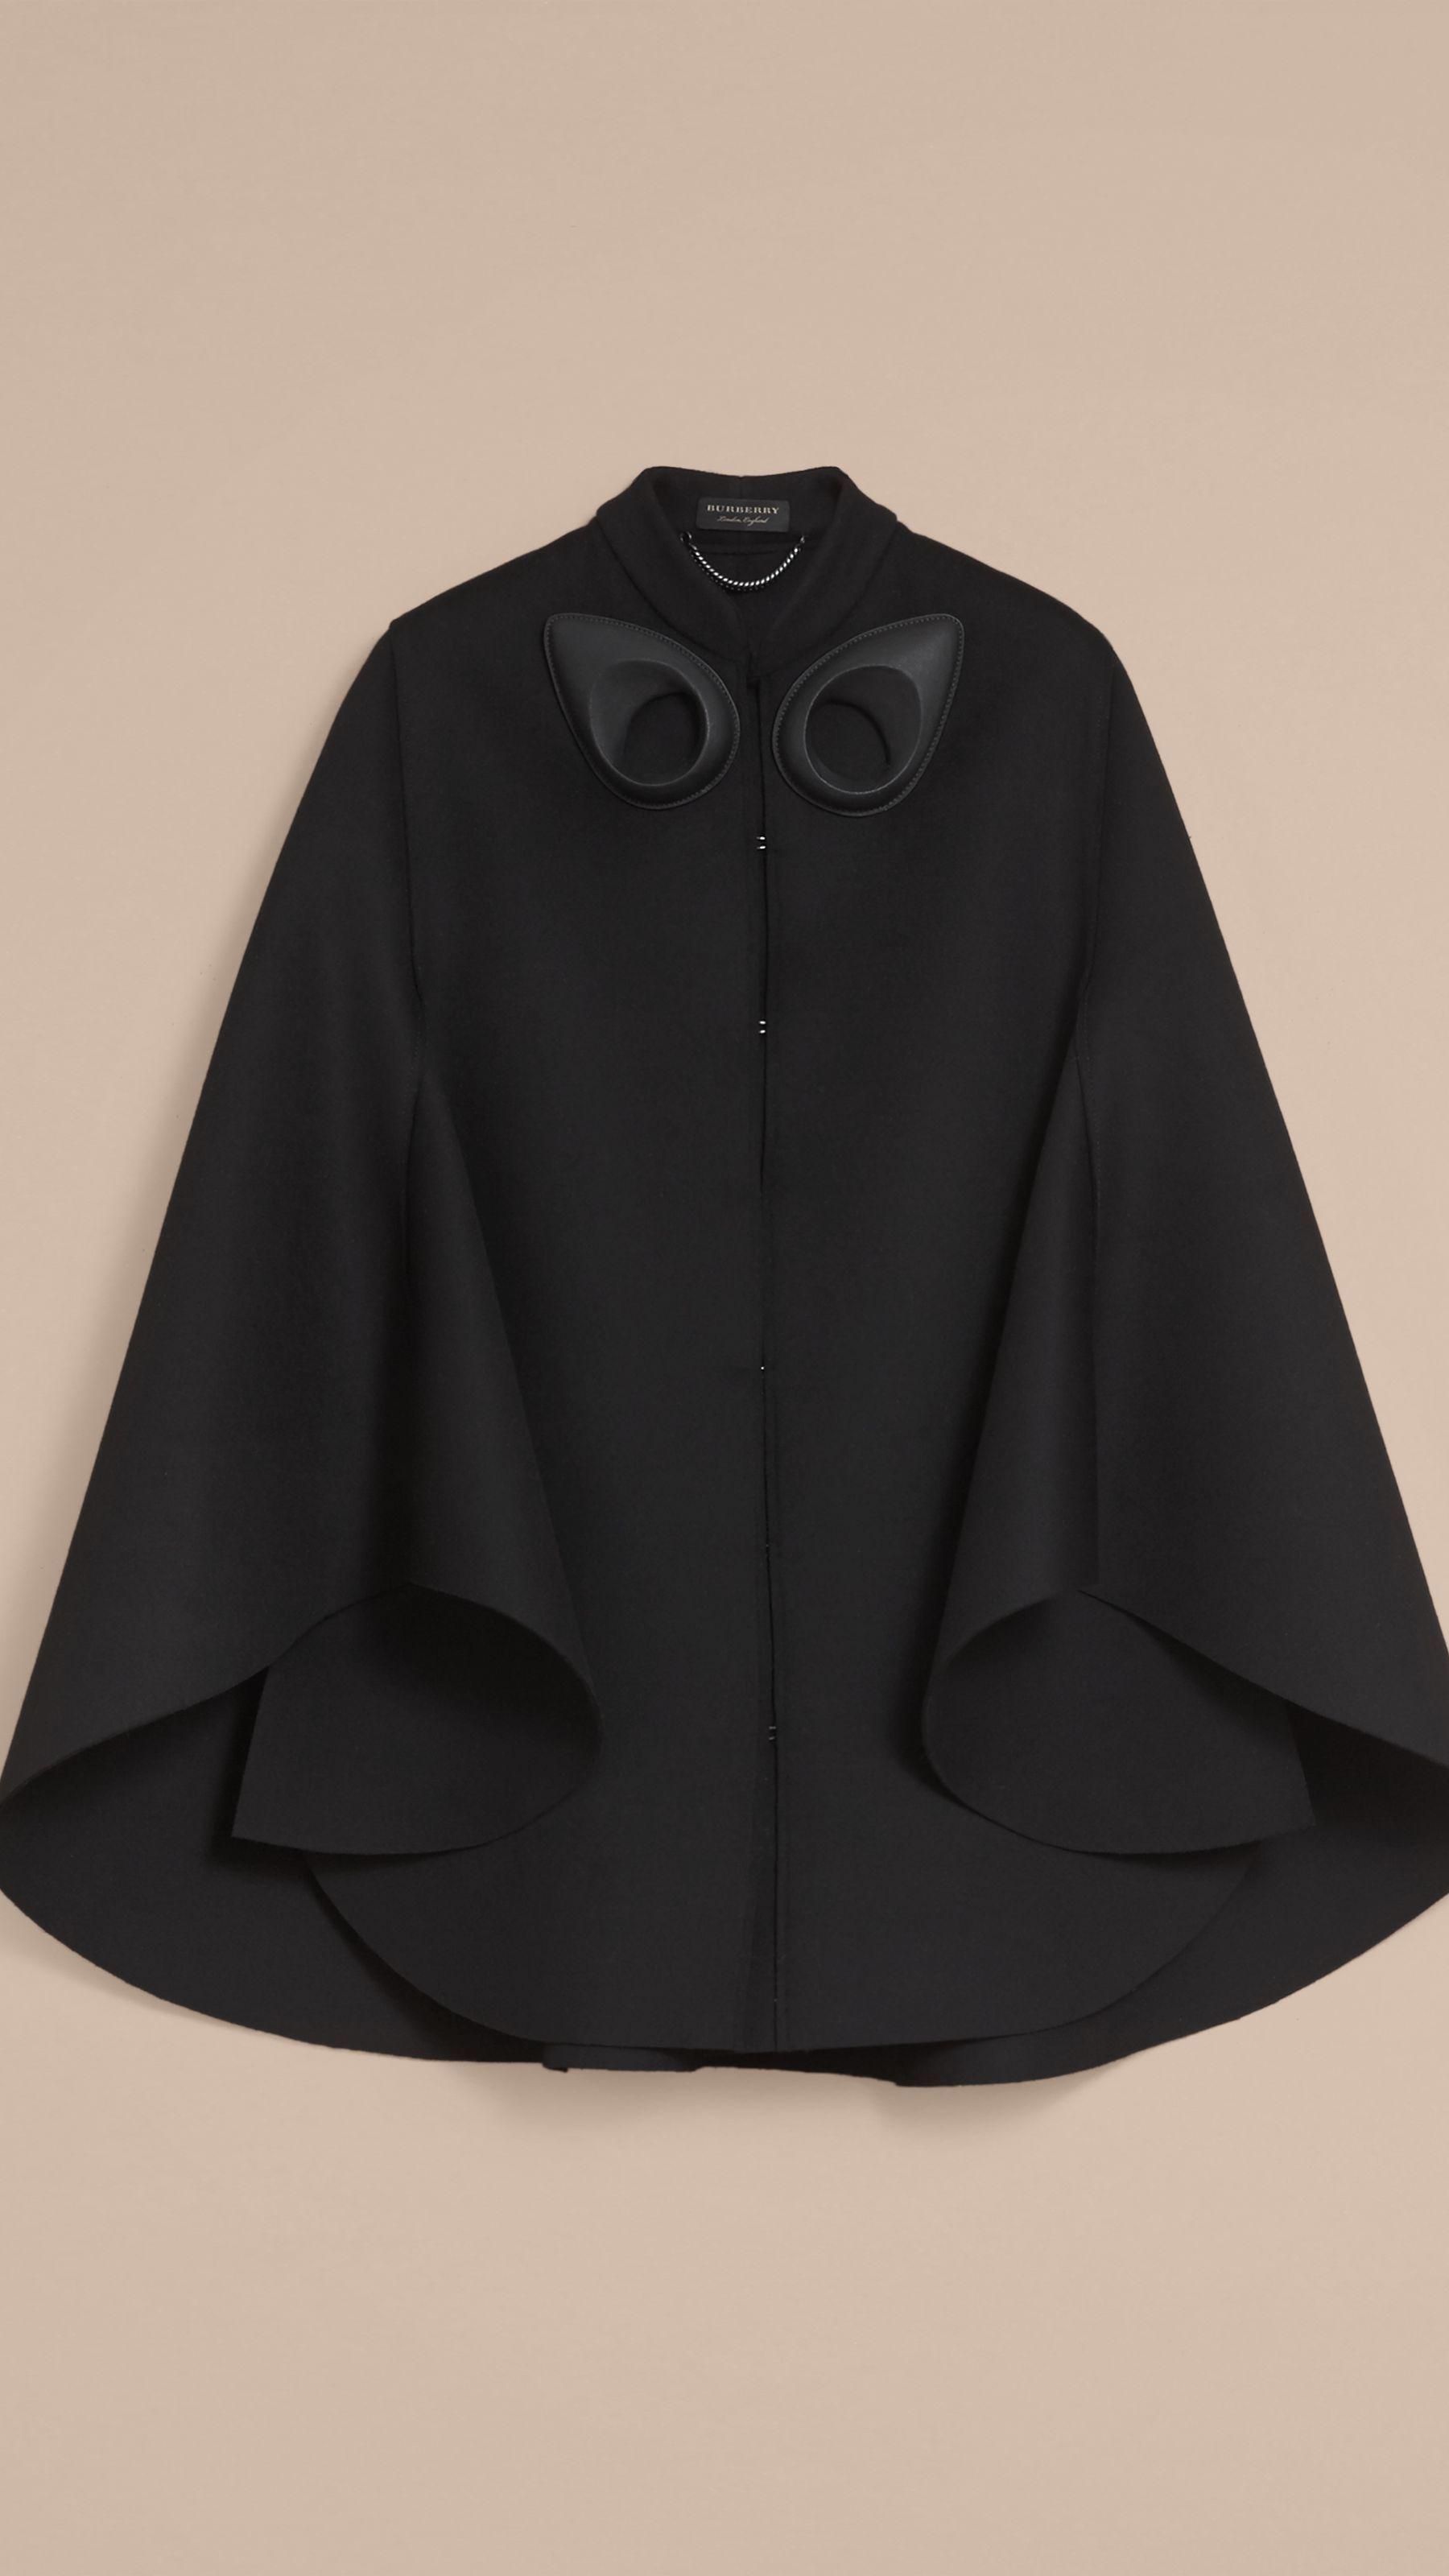 Vêtements pour femme   Burberry   Inspiration   Pinterest   Laine ... 8935a27ded4b